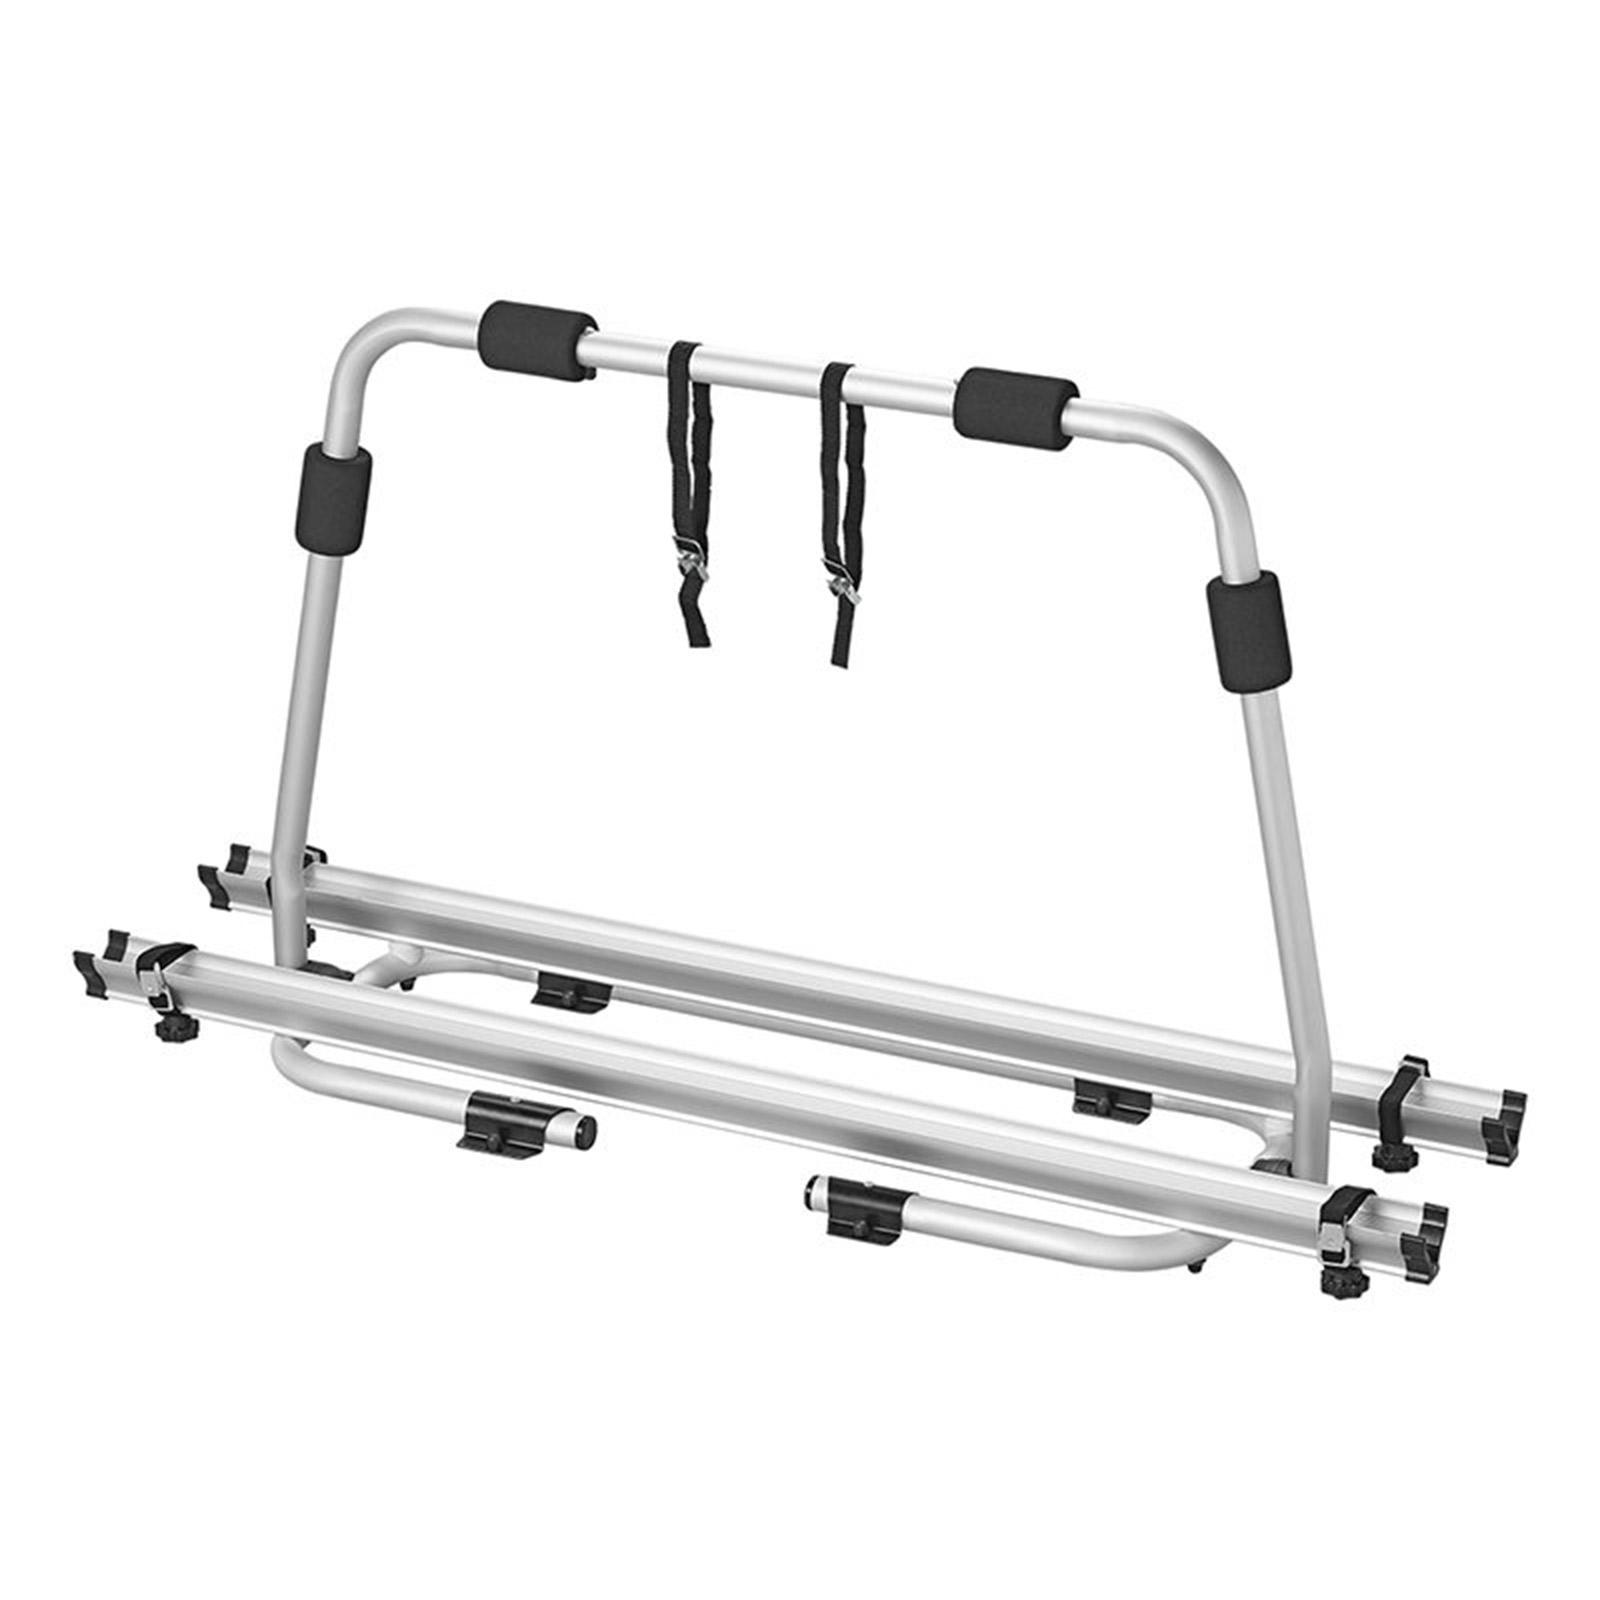 Deichsel Fahrradträger Wohnwagen | 2 Fahrräder |  40Kg belastbar | klappbar